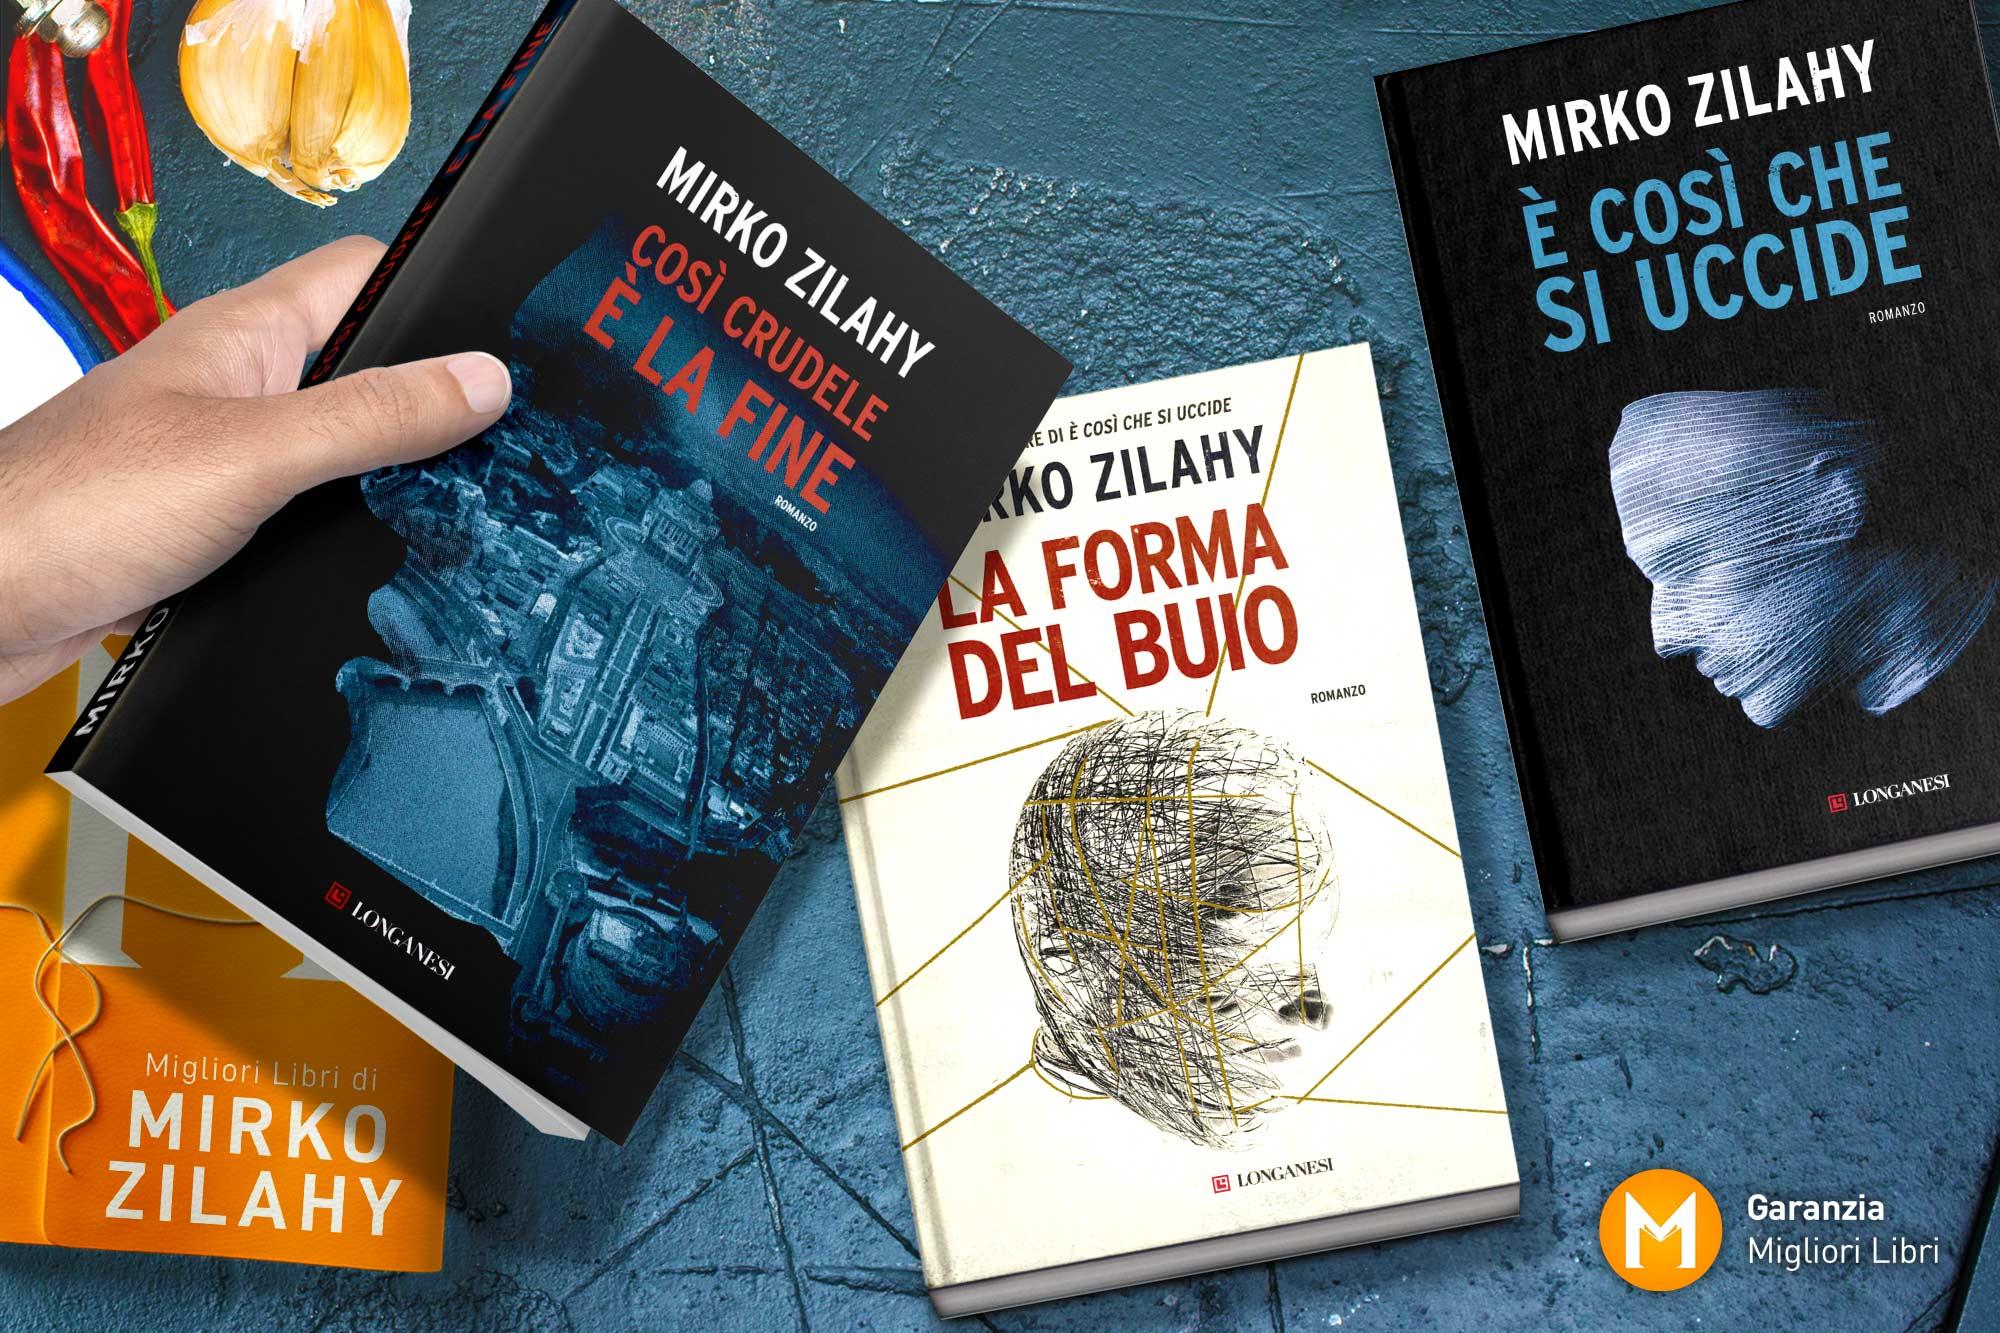 libri-Mirko-Zilahy-migliori